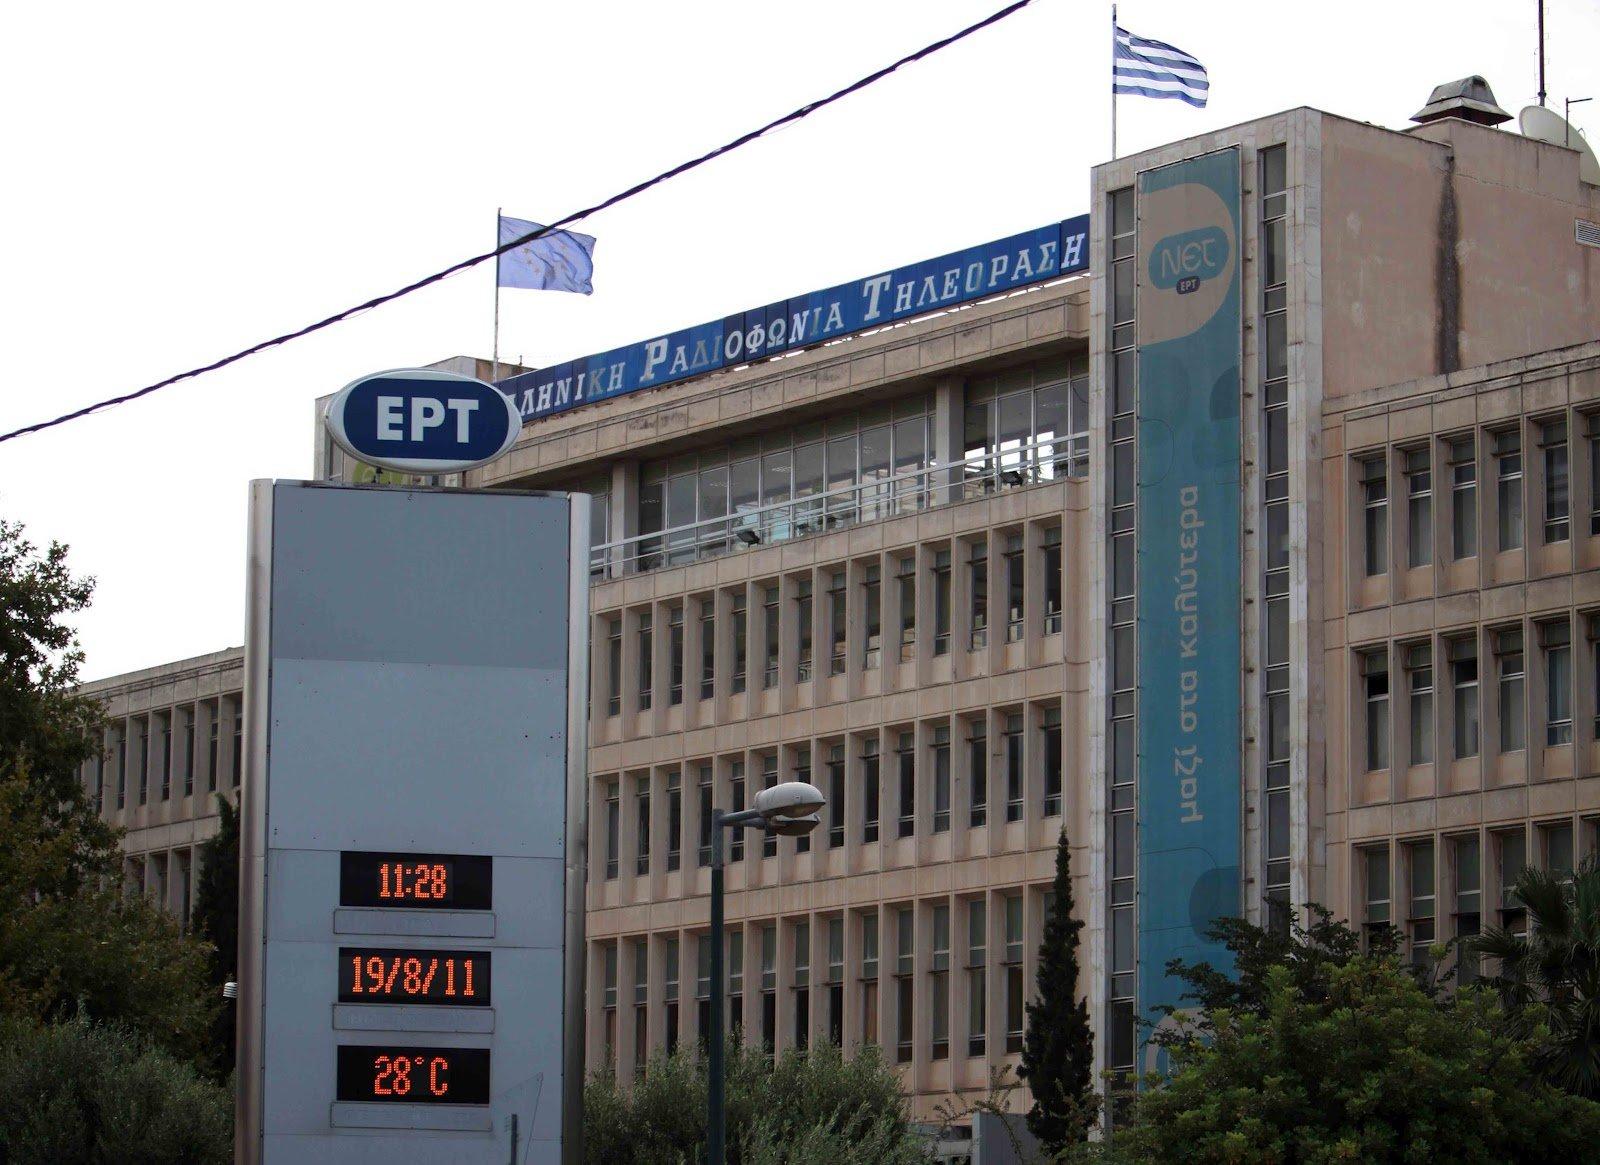 Συνάντηση αντιπροσωπείας της ΛΑΕ με τη διοίκηση της ΕΡΤ – Δέσμευση της ΕΡΤ να εφαρμόσει έναντι τη νομοθεσία και τις σχετικές αποφάσεις του ΕΣΡ